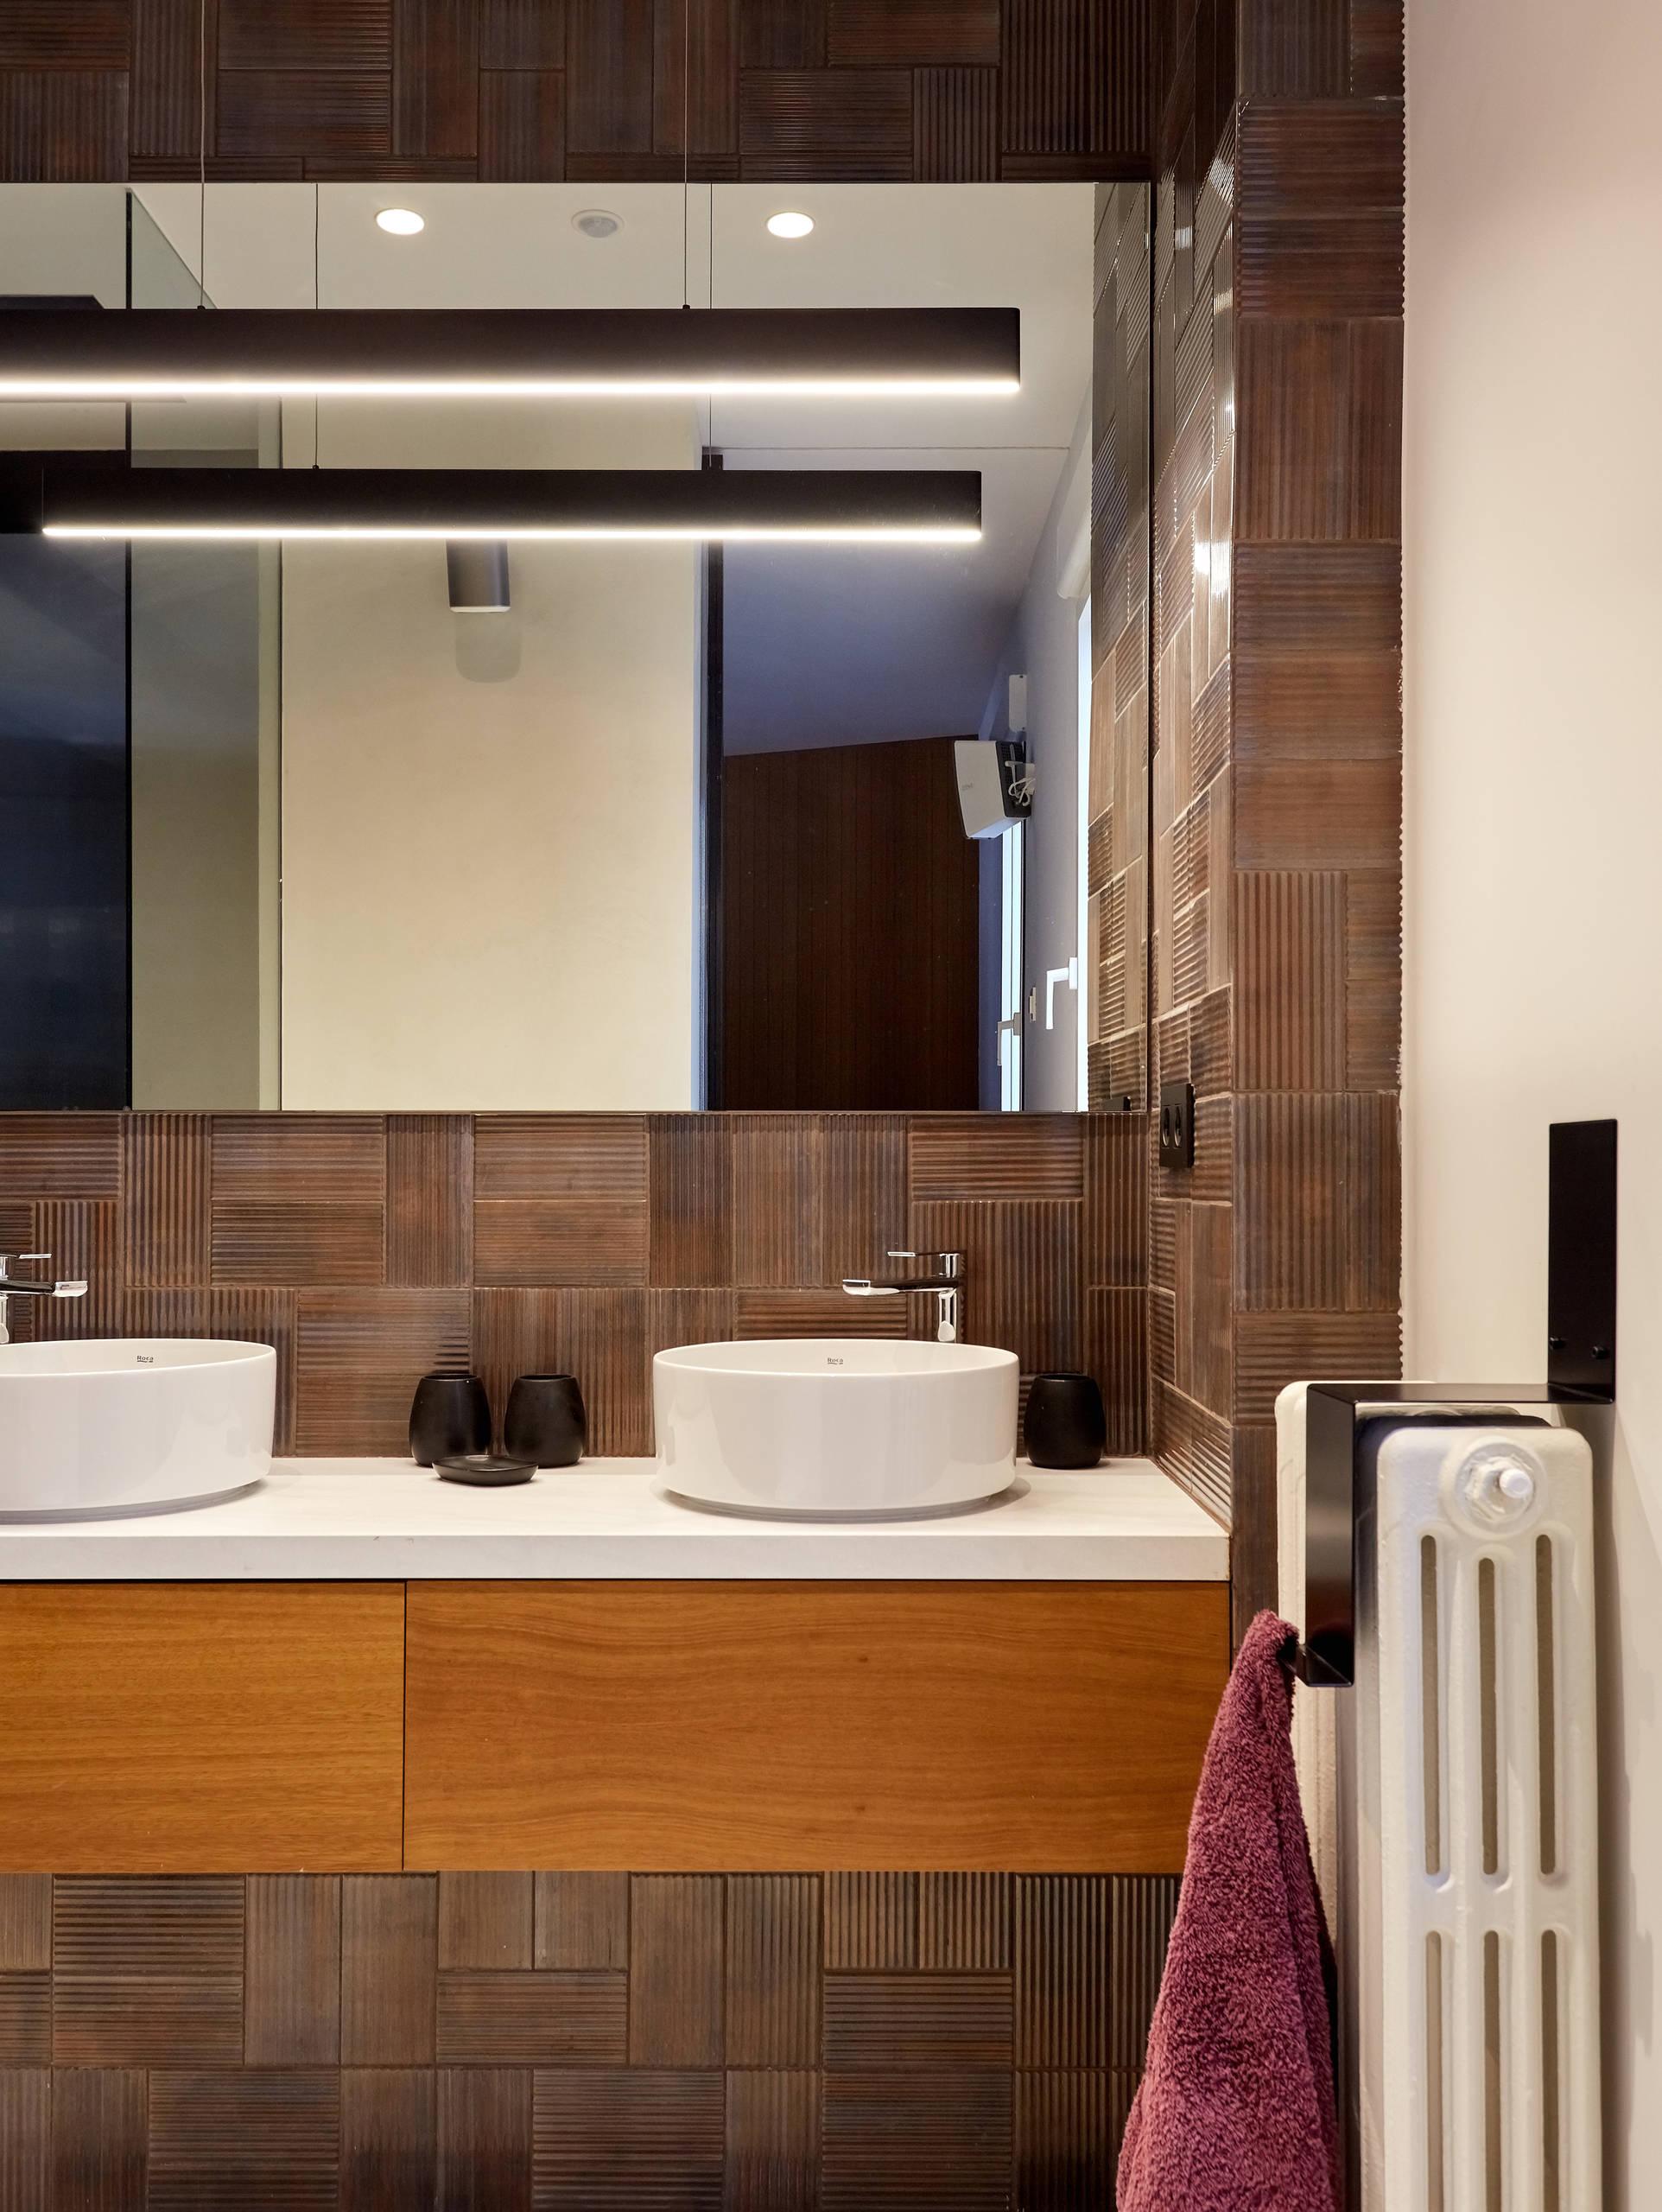 Baño en suite. Vista frontal.